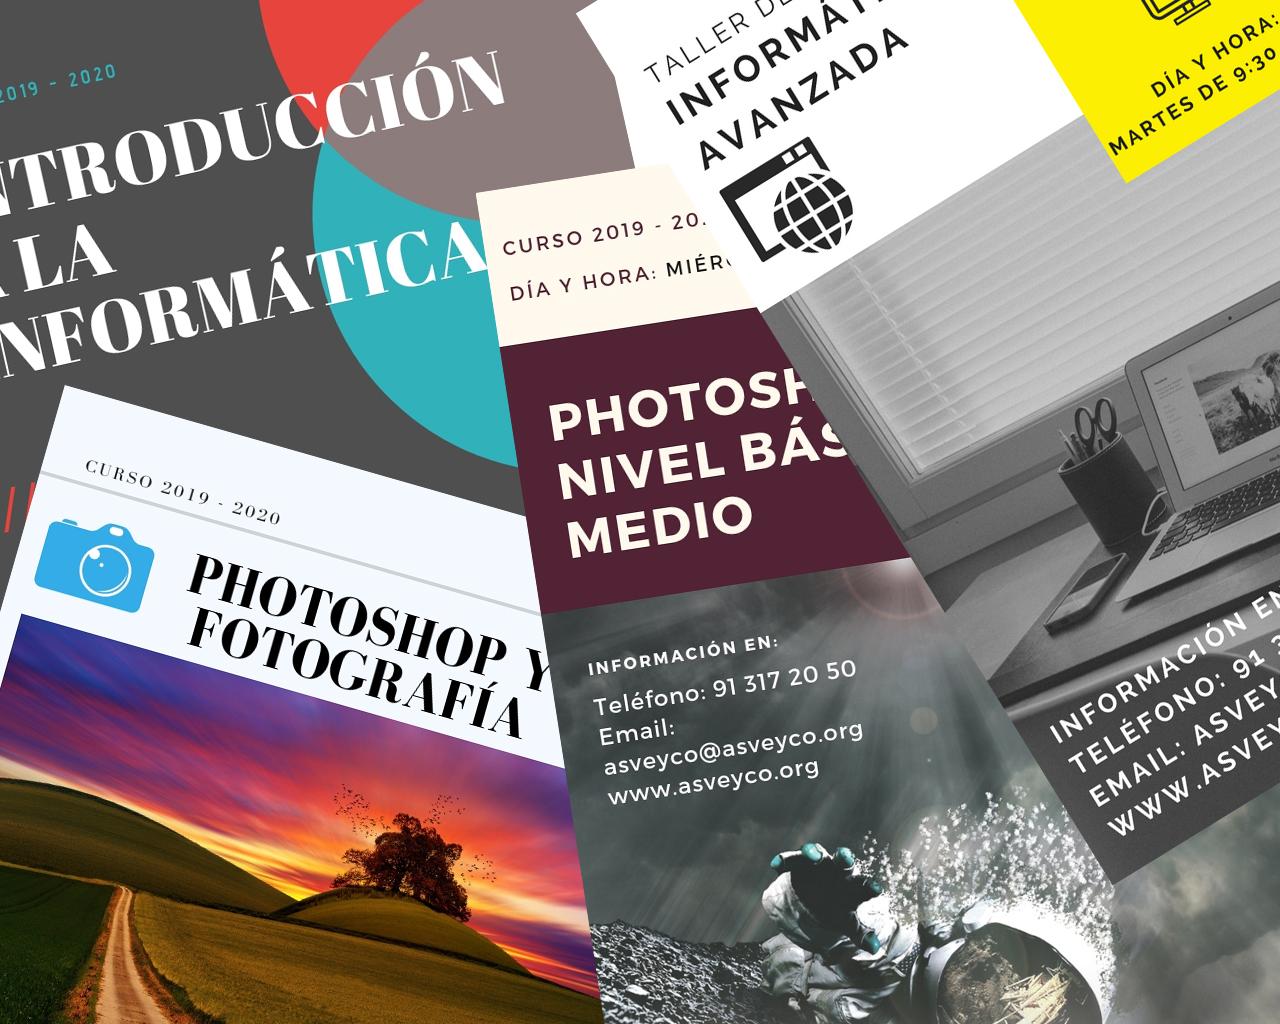 Cursos Informática y Photoshop ASVEYCO